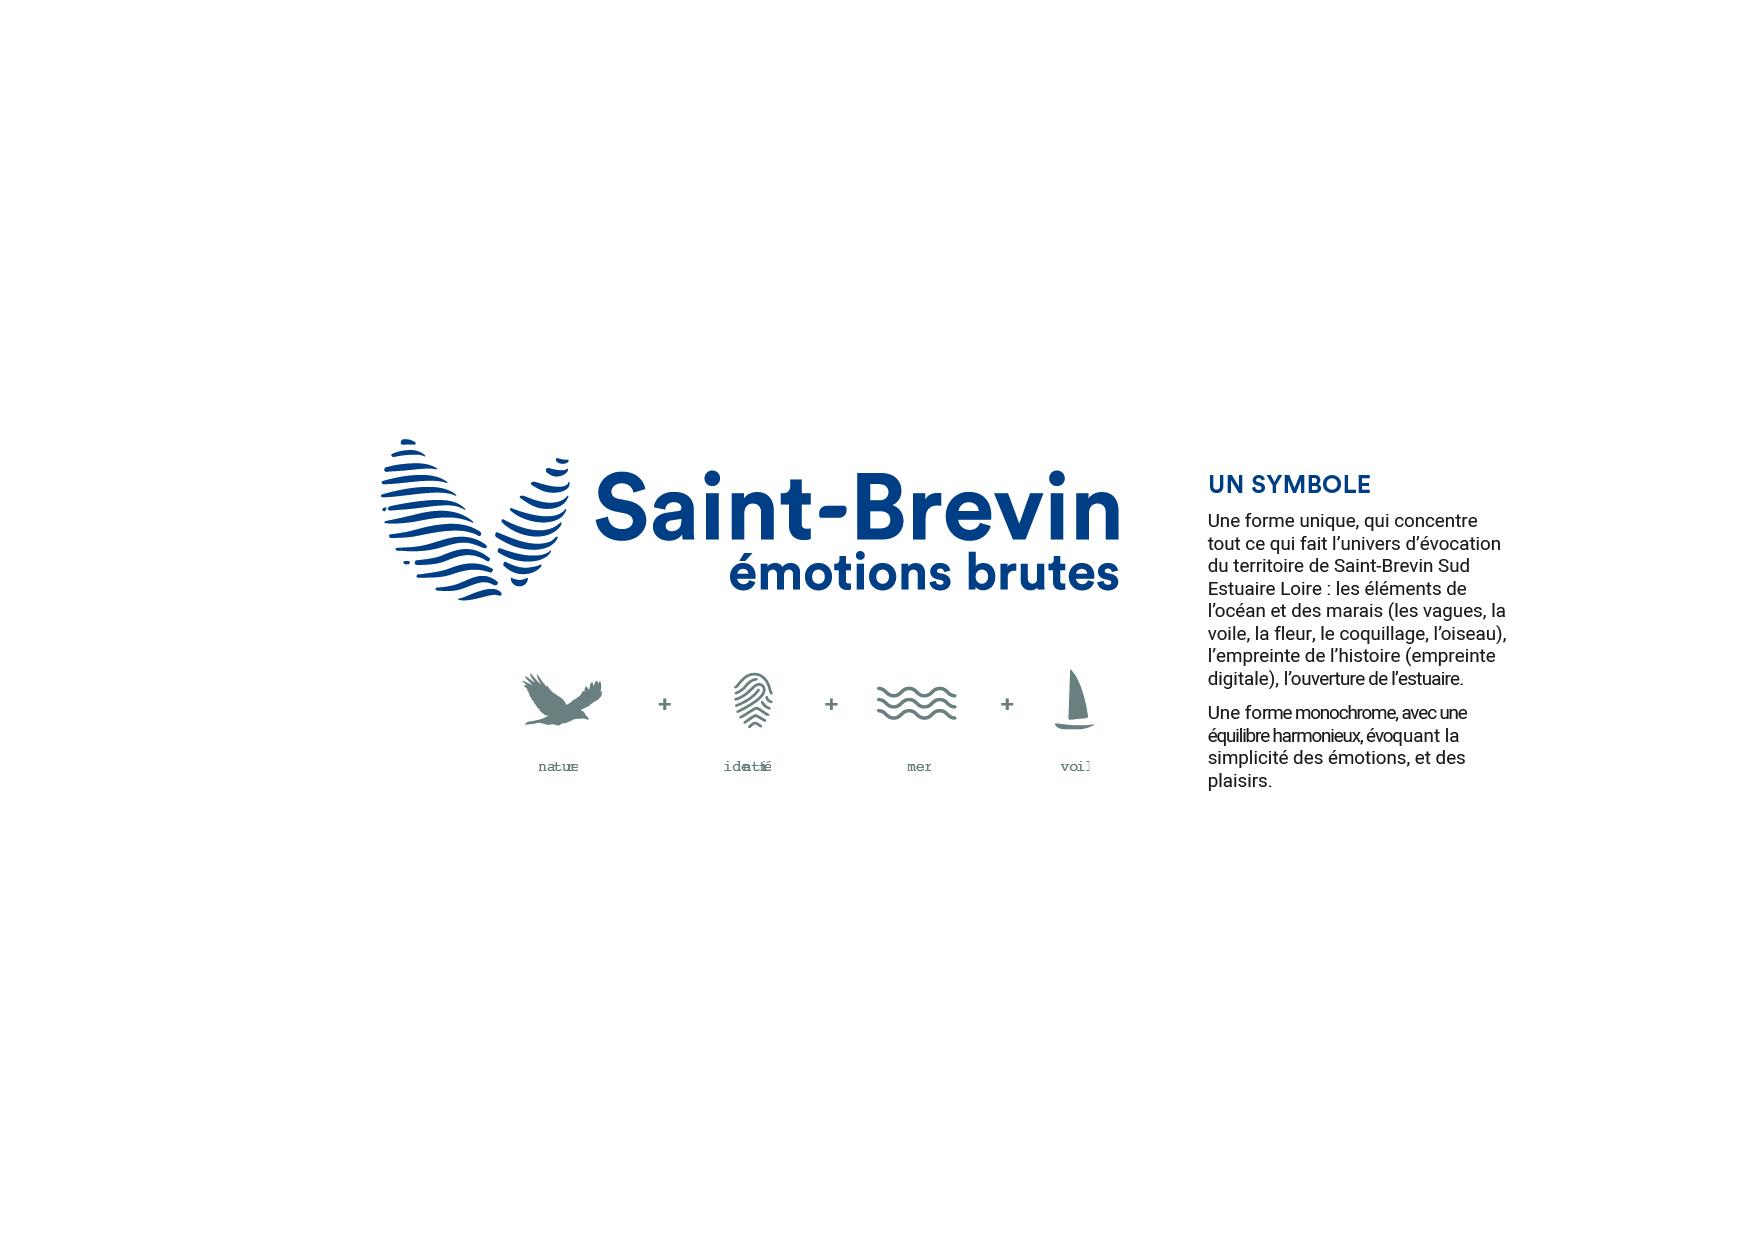 Analyse sémiotique d'un logo, stratégie et identité de marque